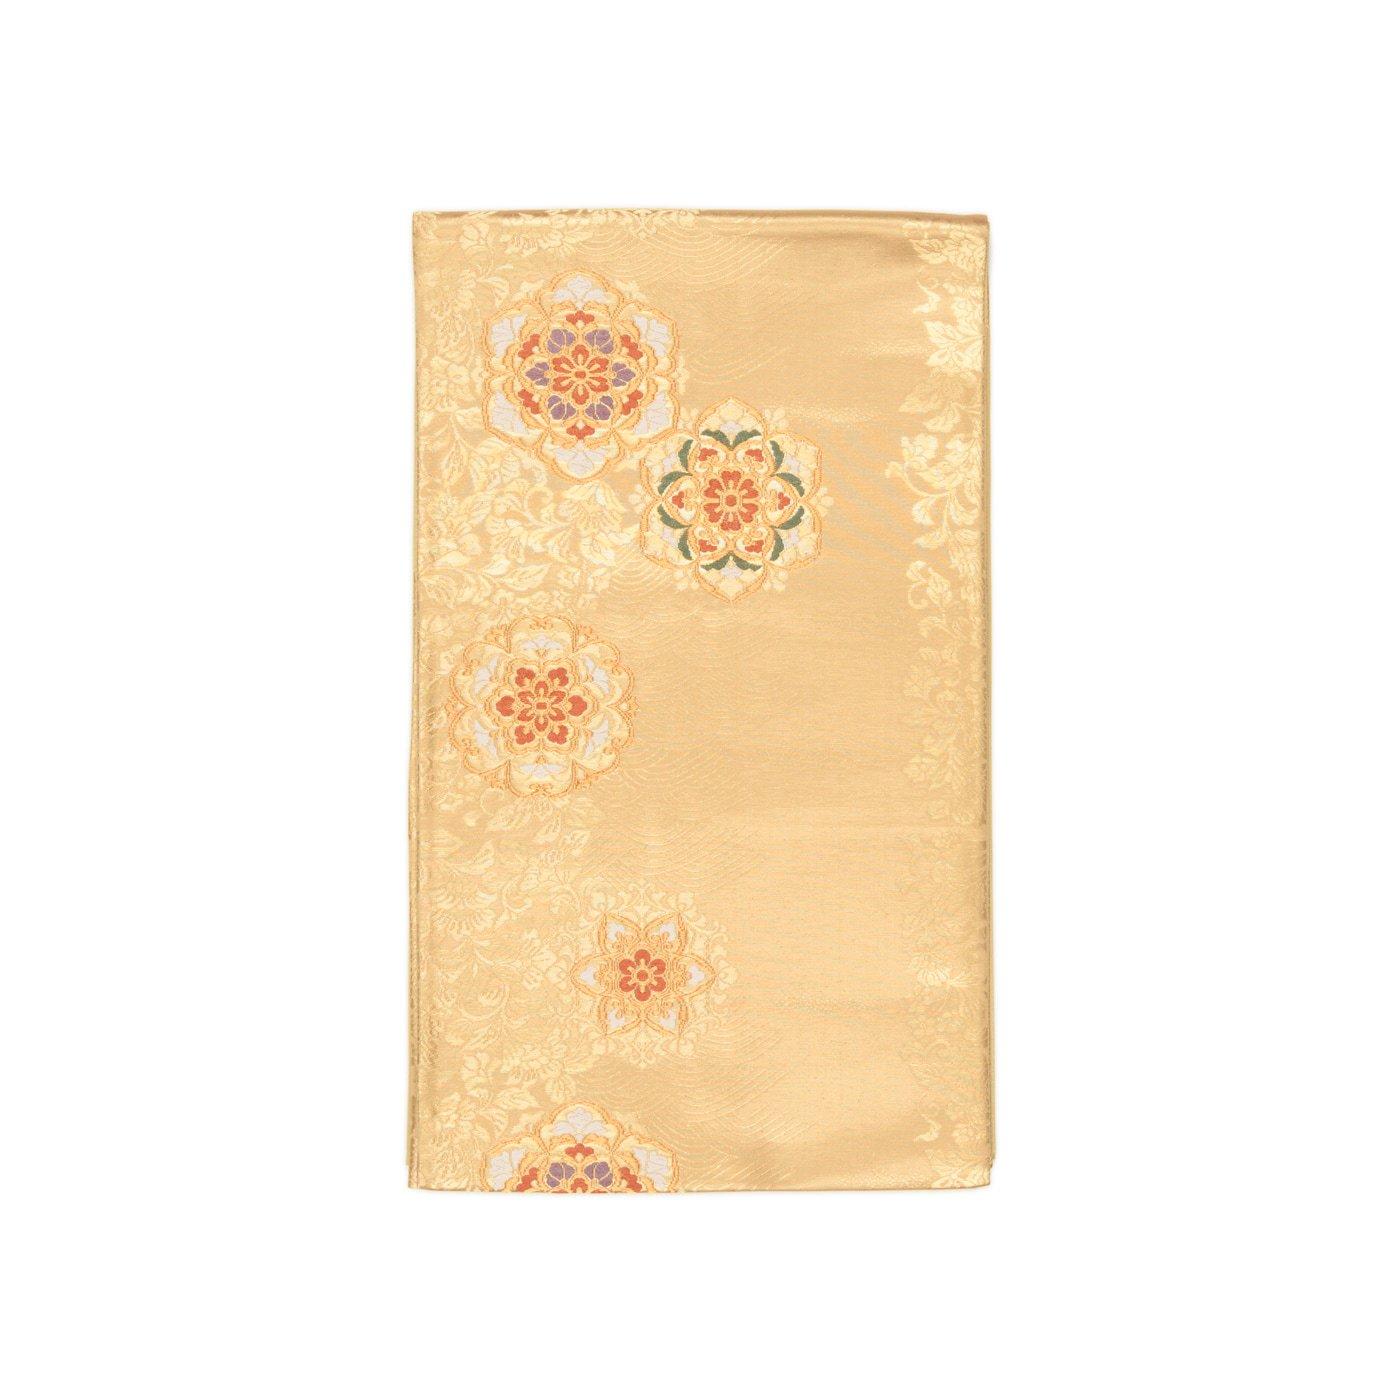 「袋帯●唐花と波に華紋」の商品画像